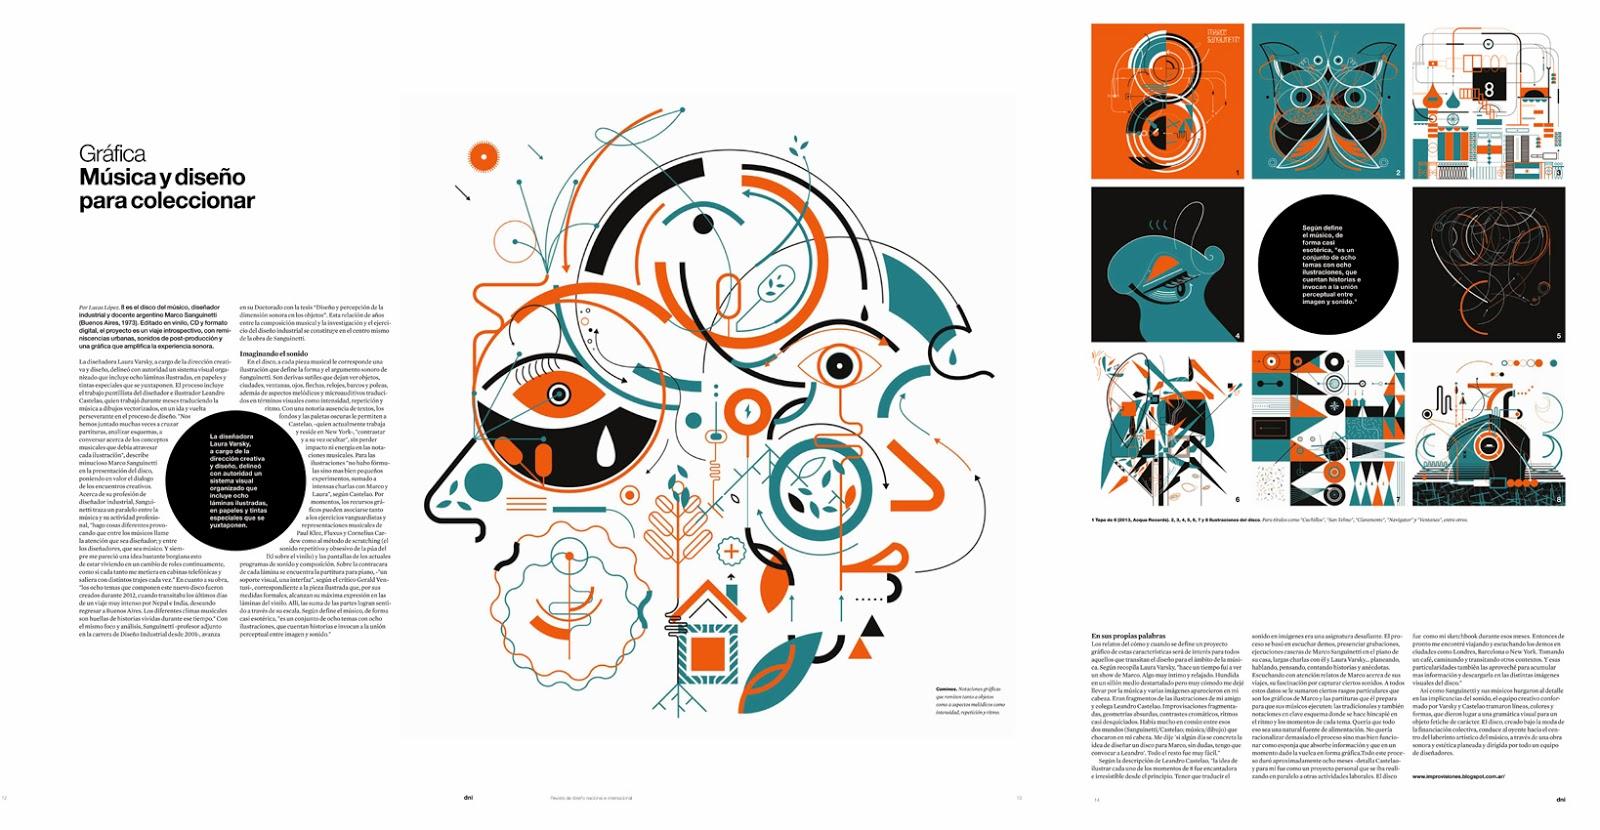 Marco Sanguinetti Music: El diseño de 8 en DNI Clarín